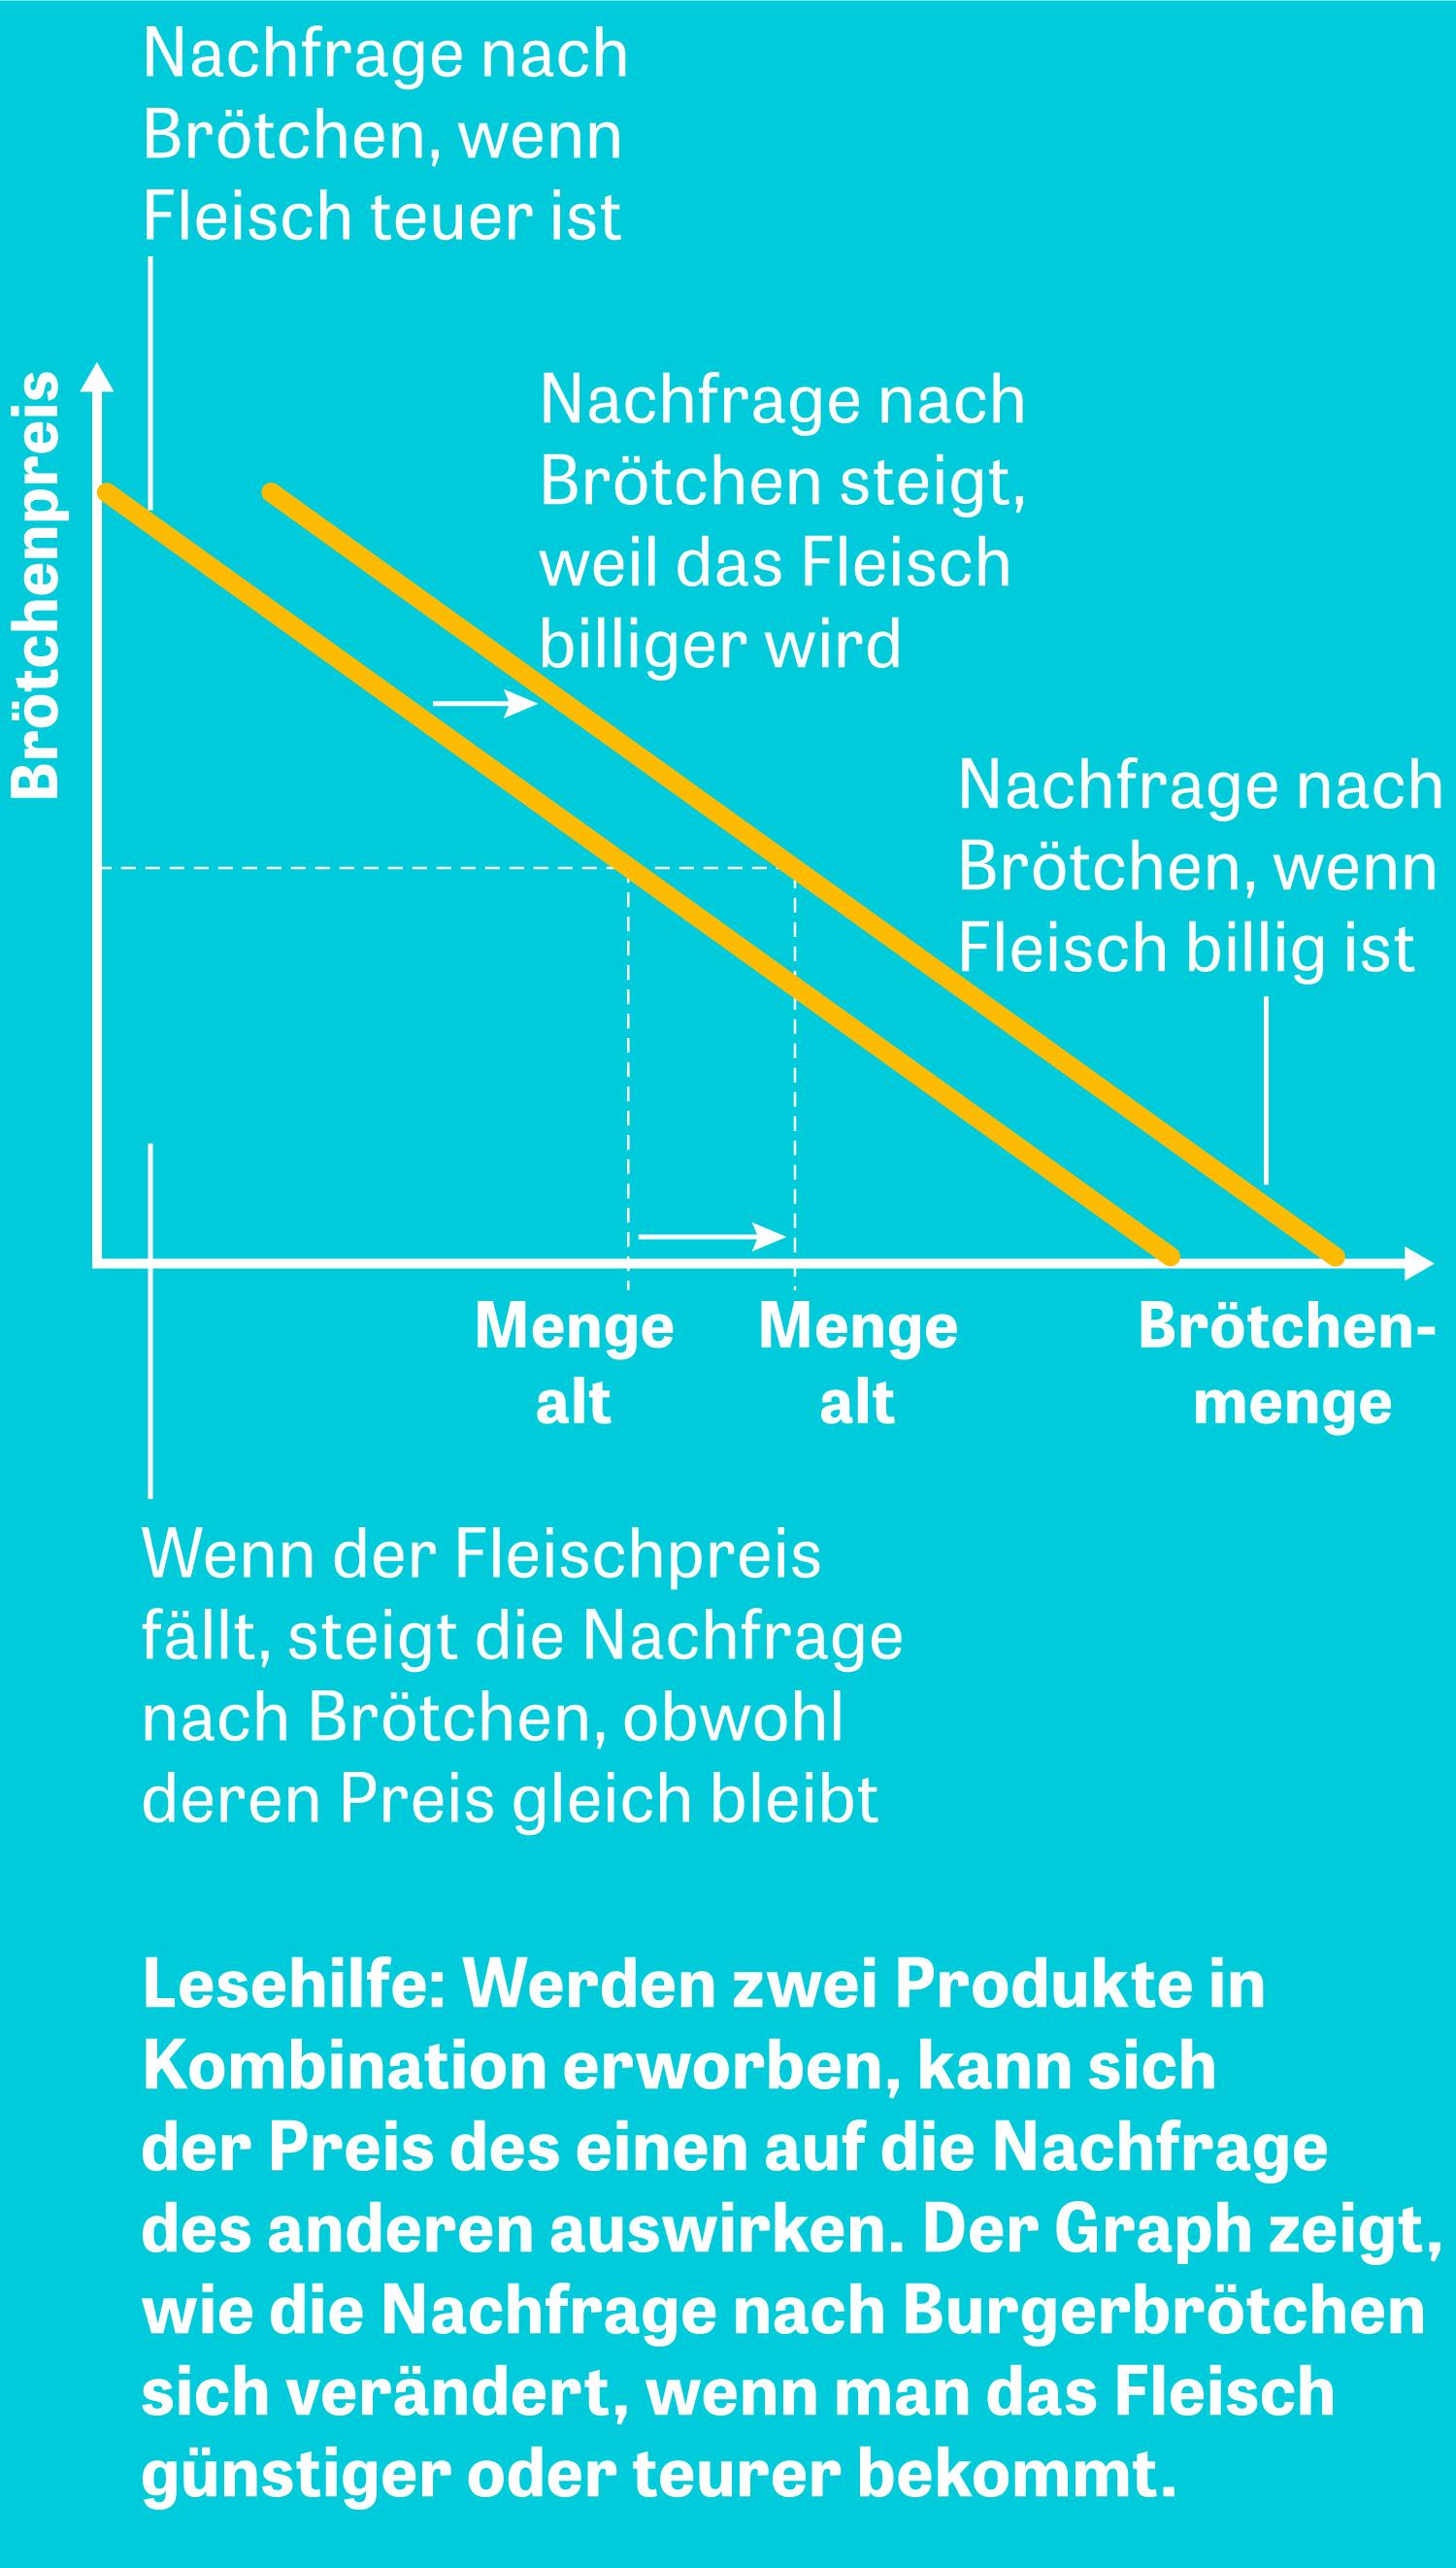 ökonomie Die Burgerbrötchen Kurve Zeit Online